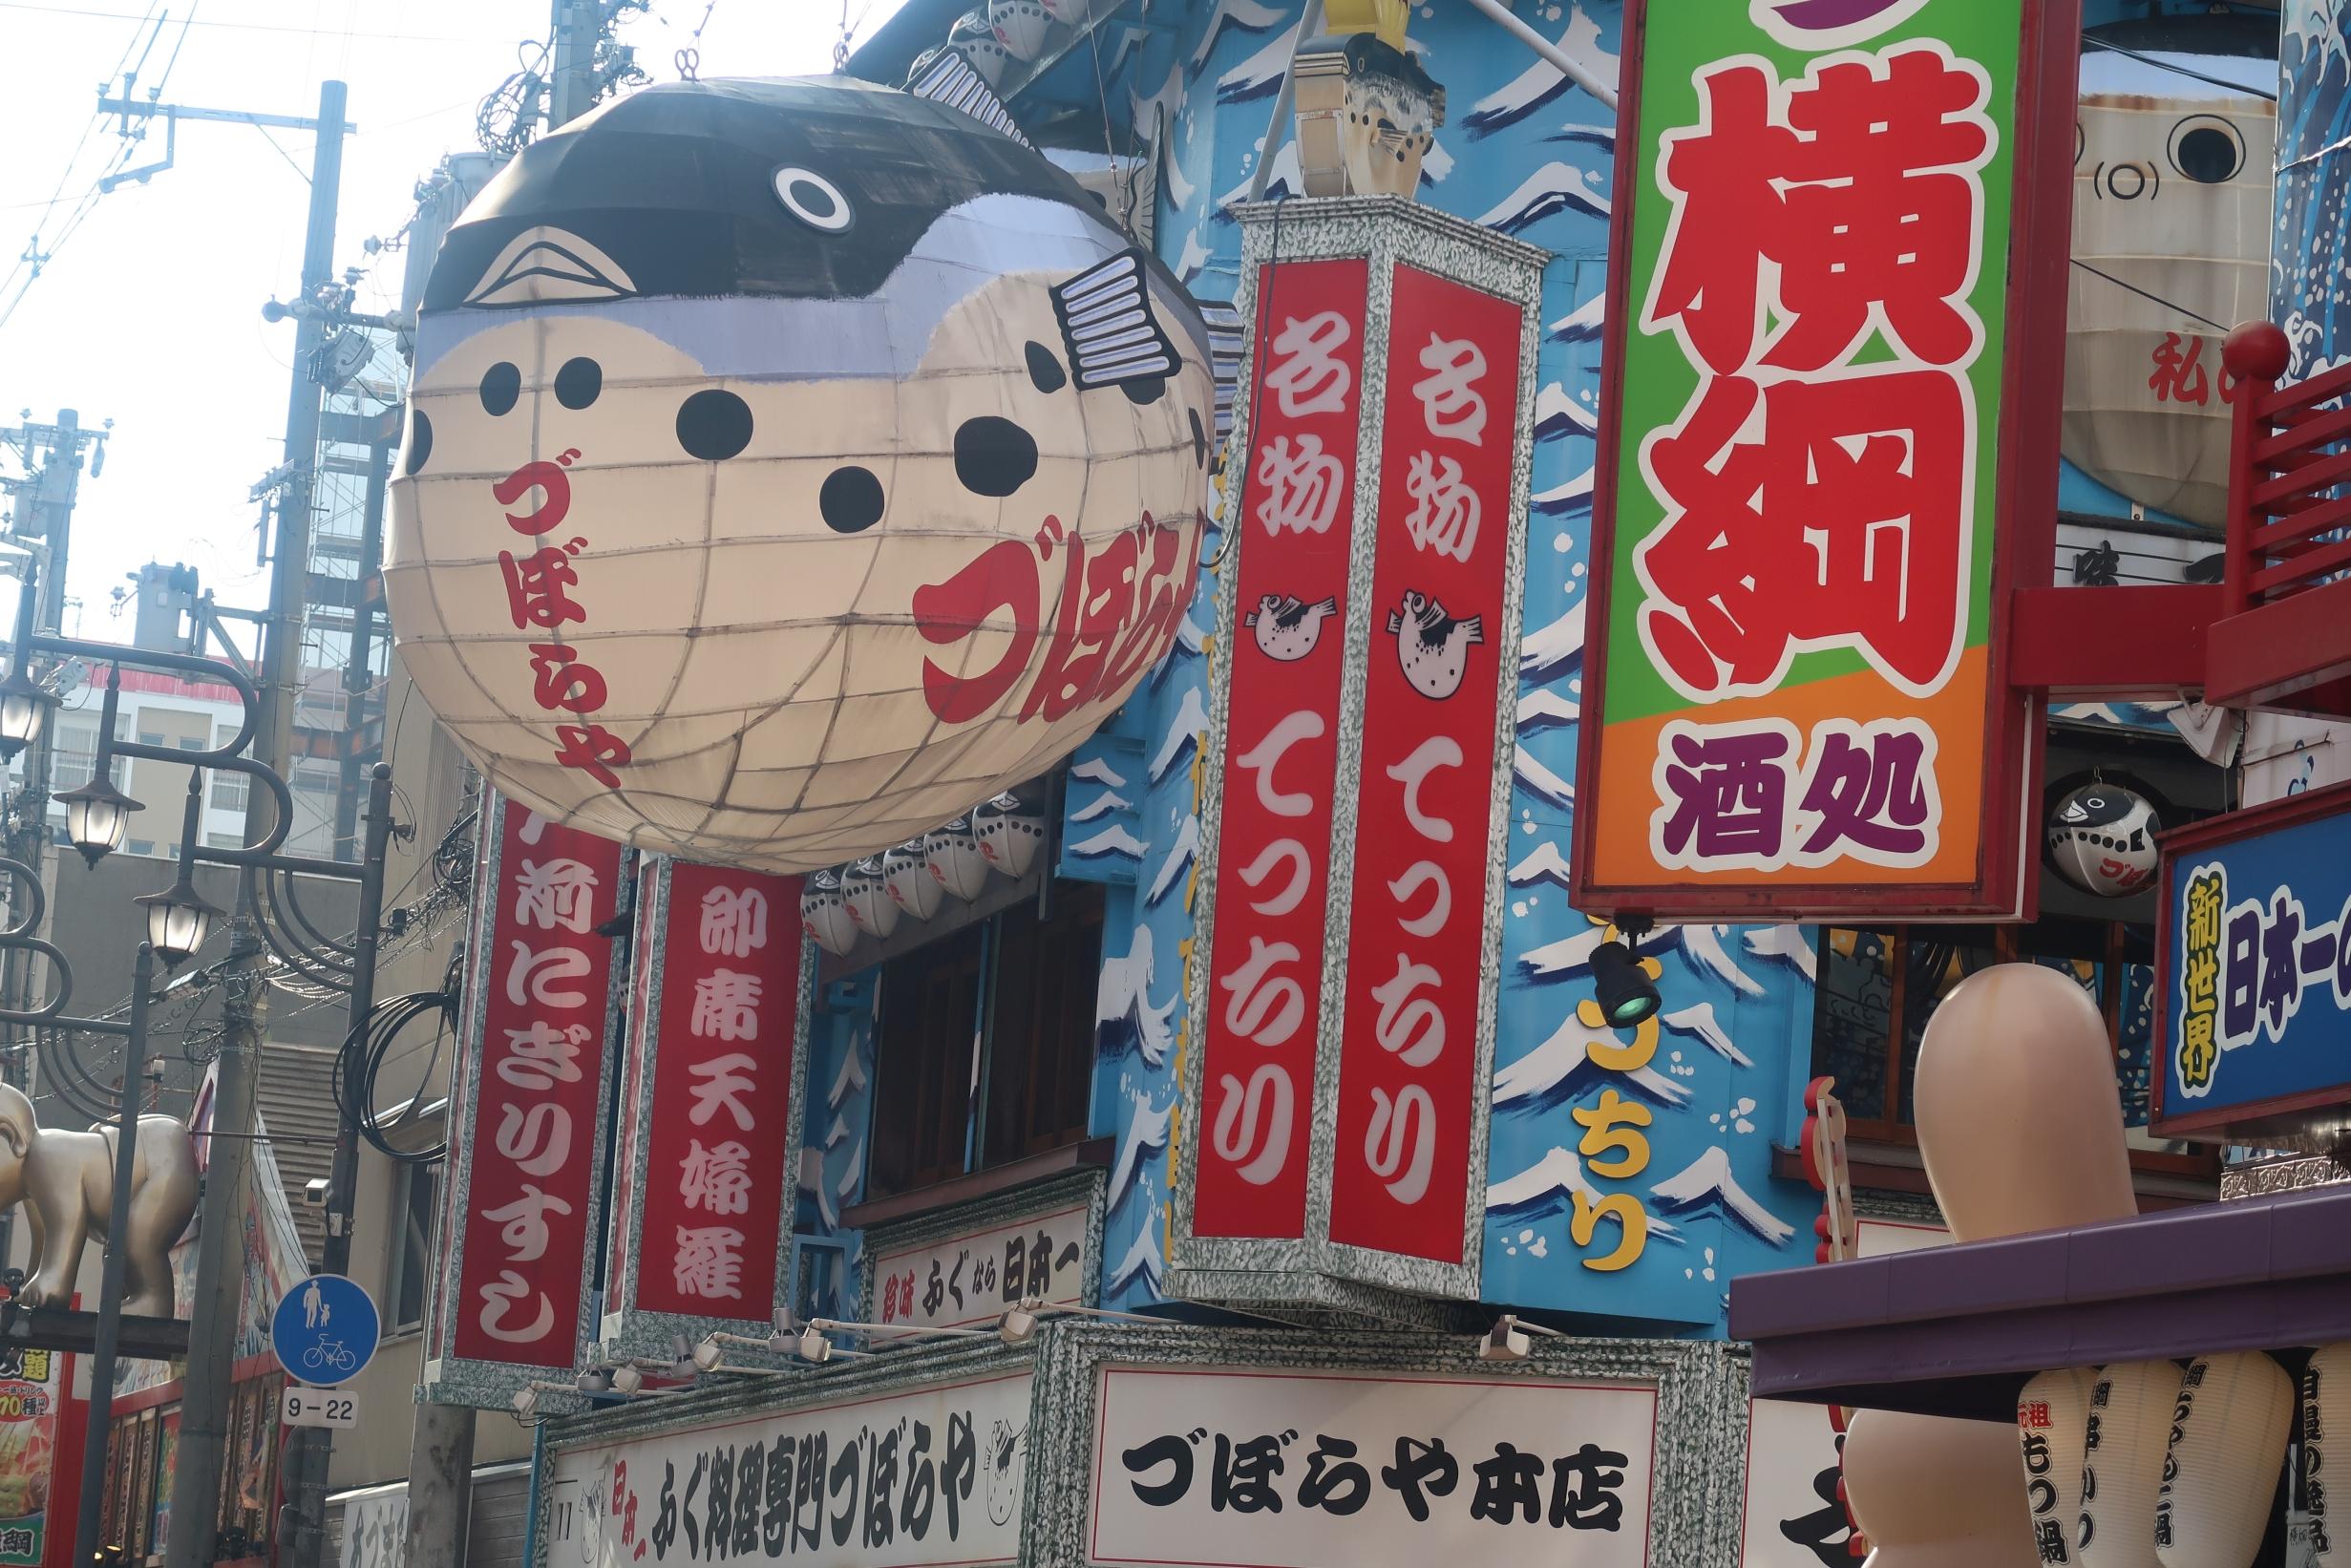 大阪・天王寺動物園【2019.6.28来訪】